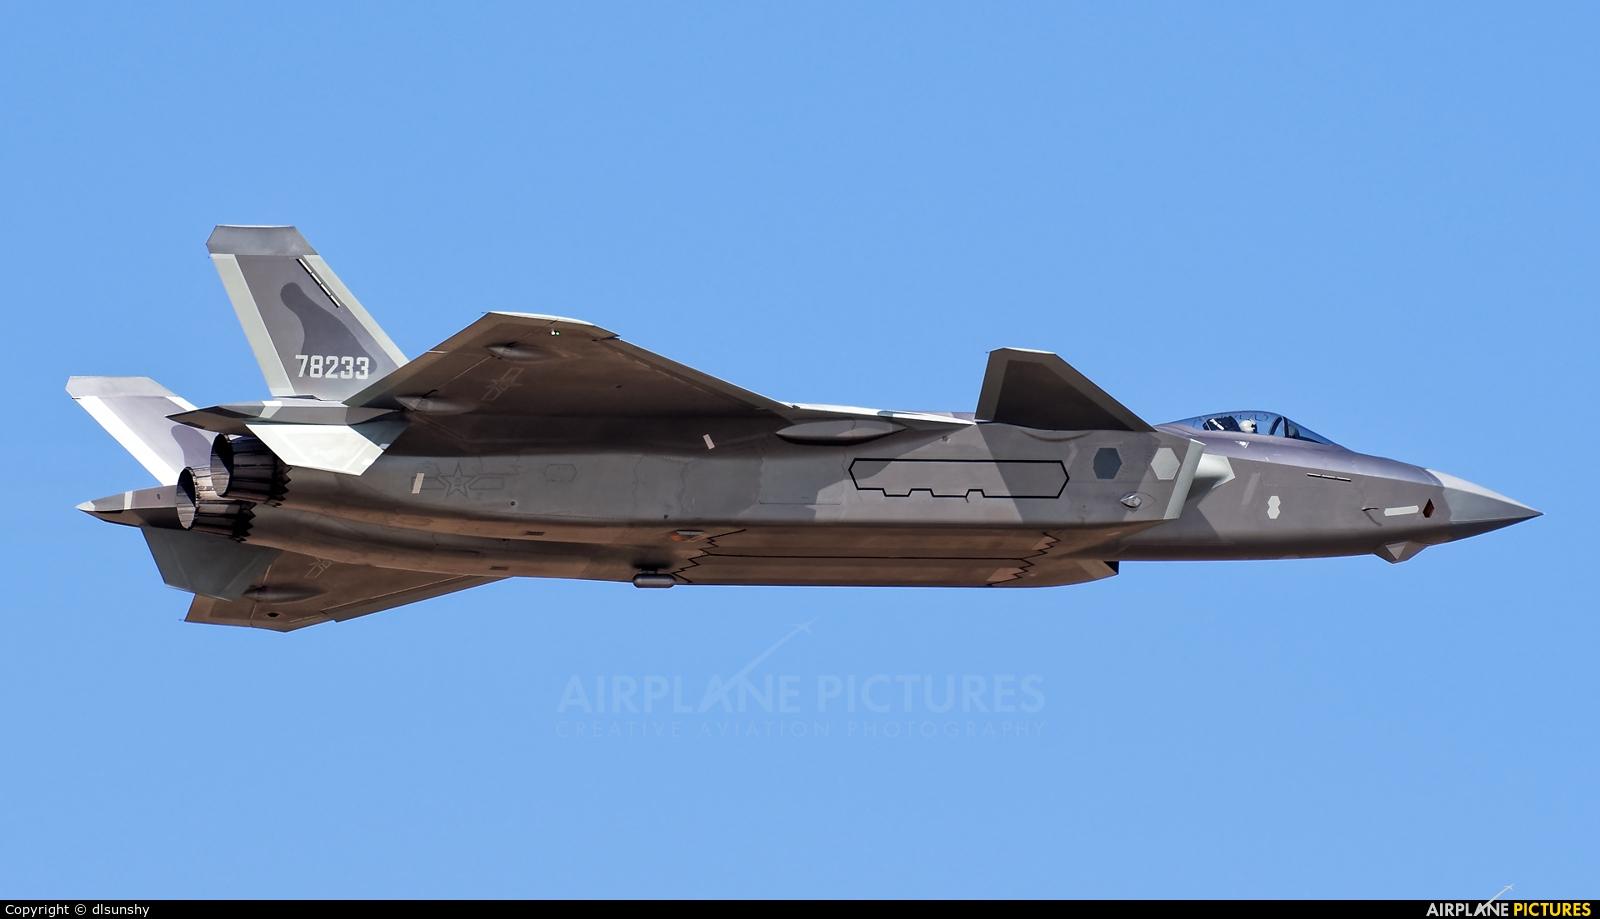 China - Air Force 78233 aircraft at Changchun Dafangshen